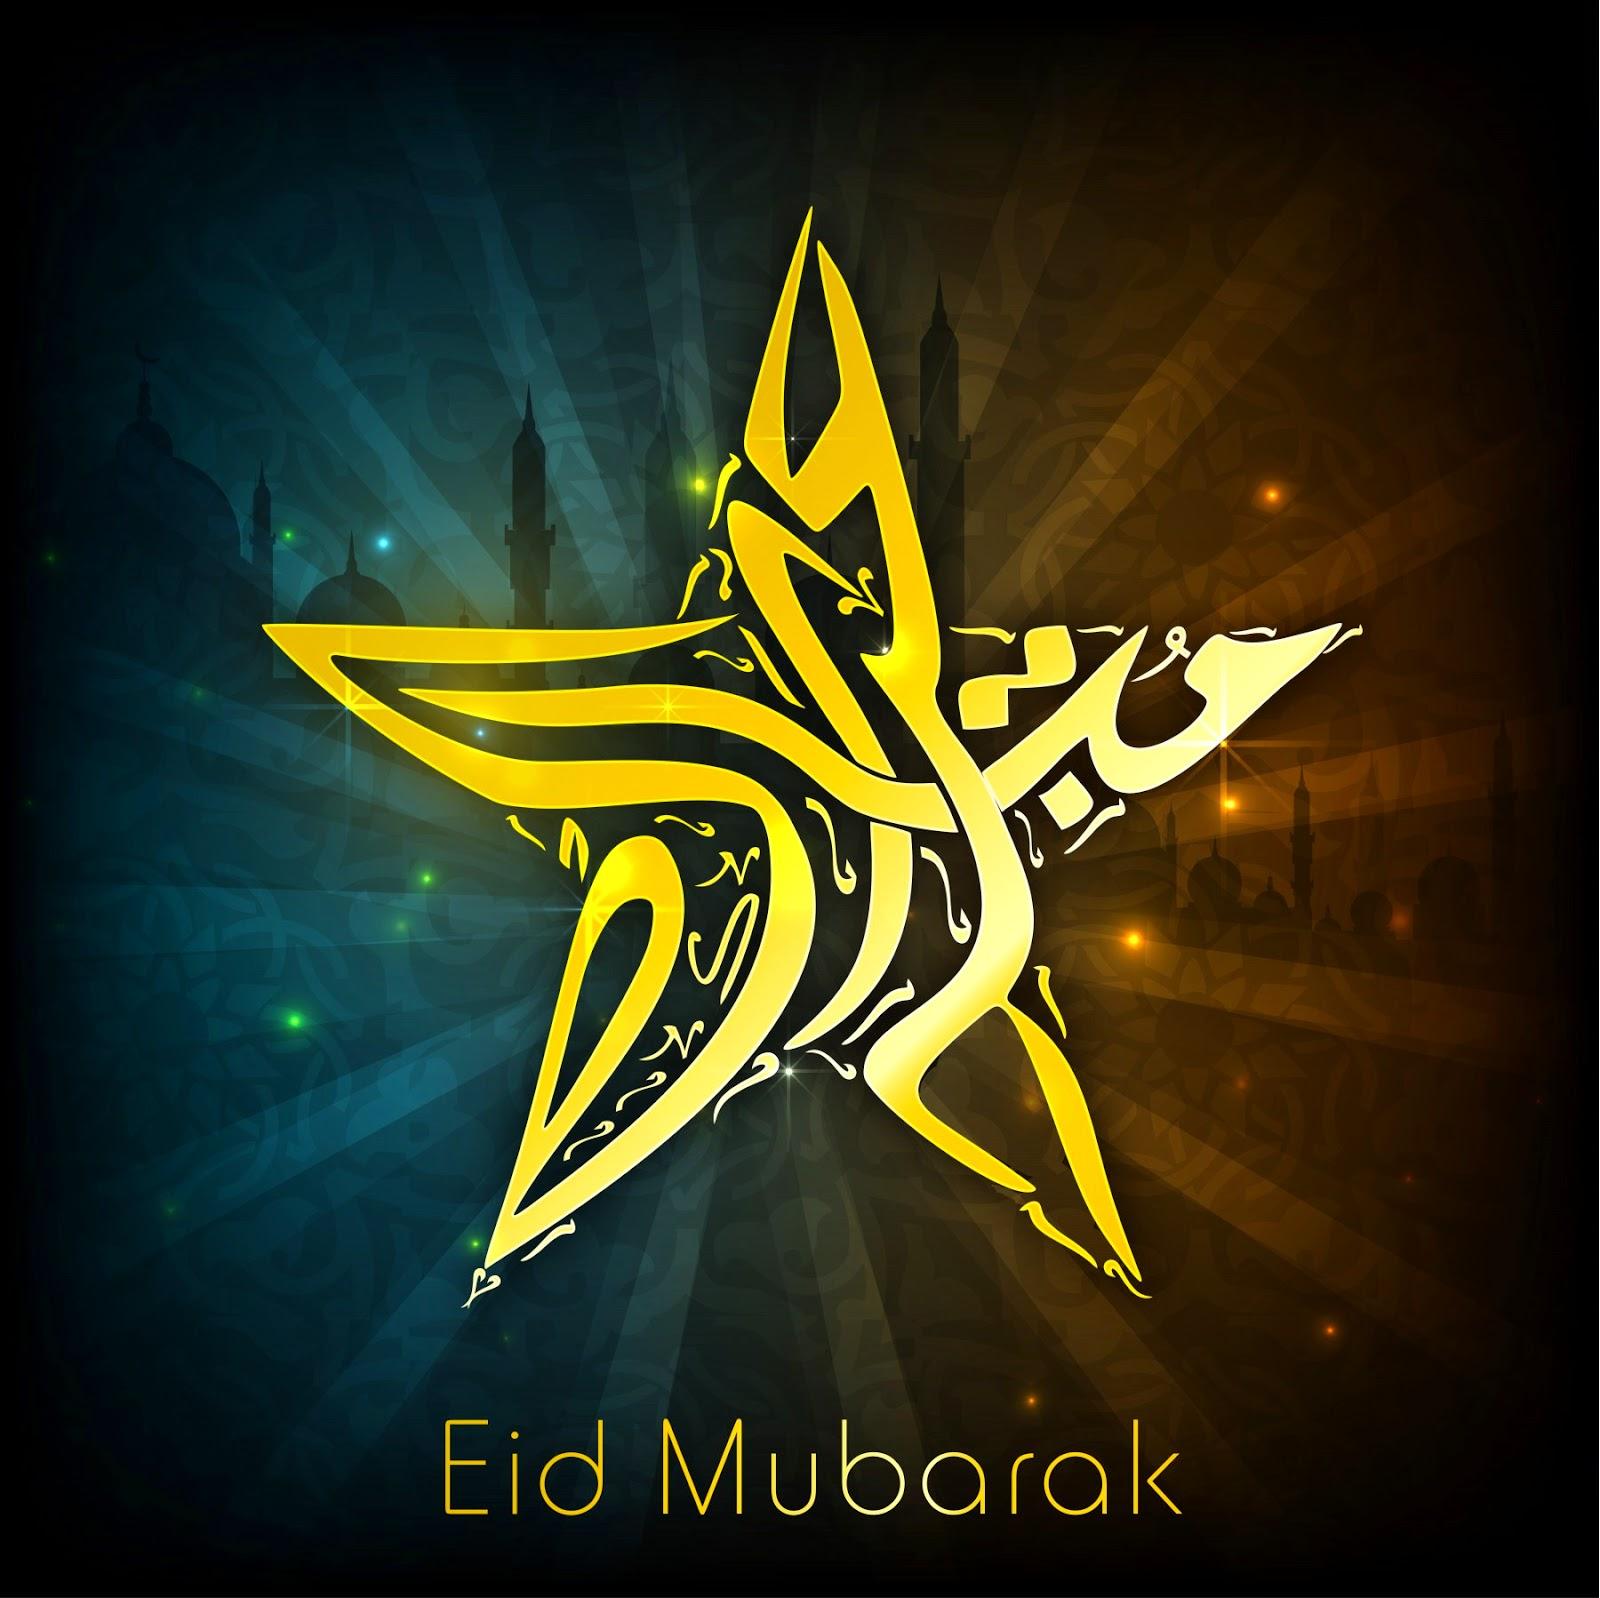 Eid Al Adha dates announced! - Eid Al Adha, Local News Local News ...